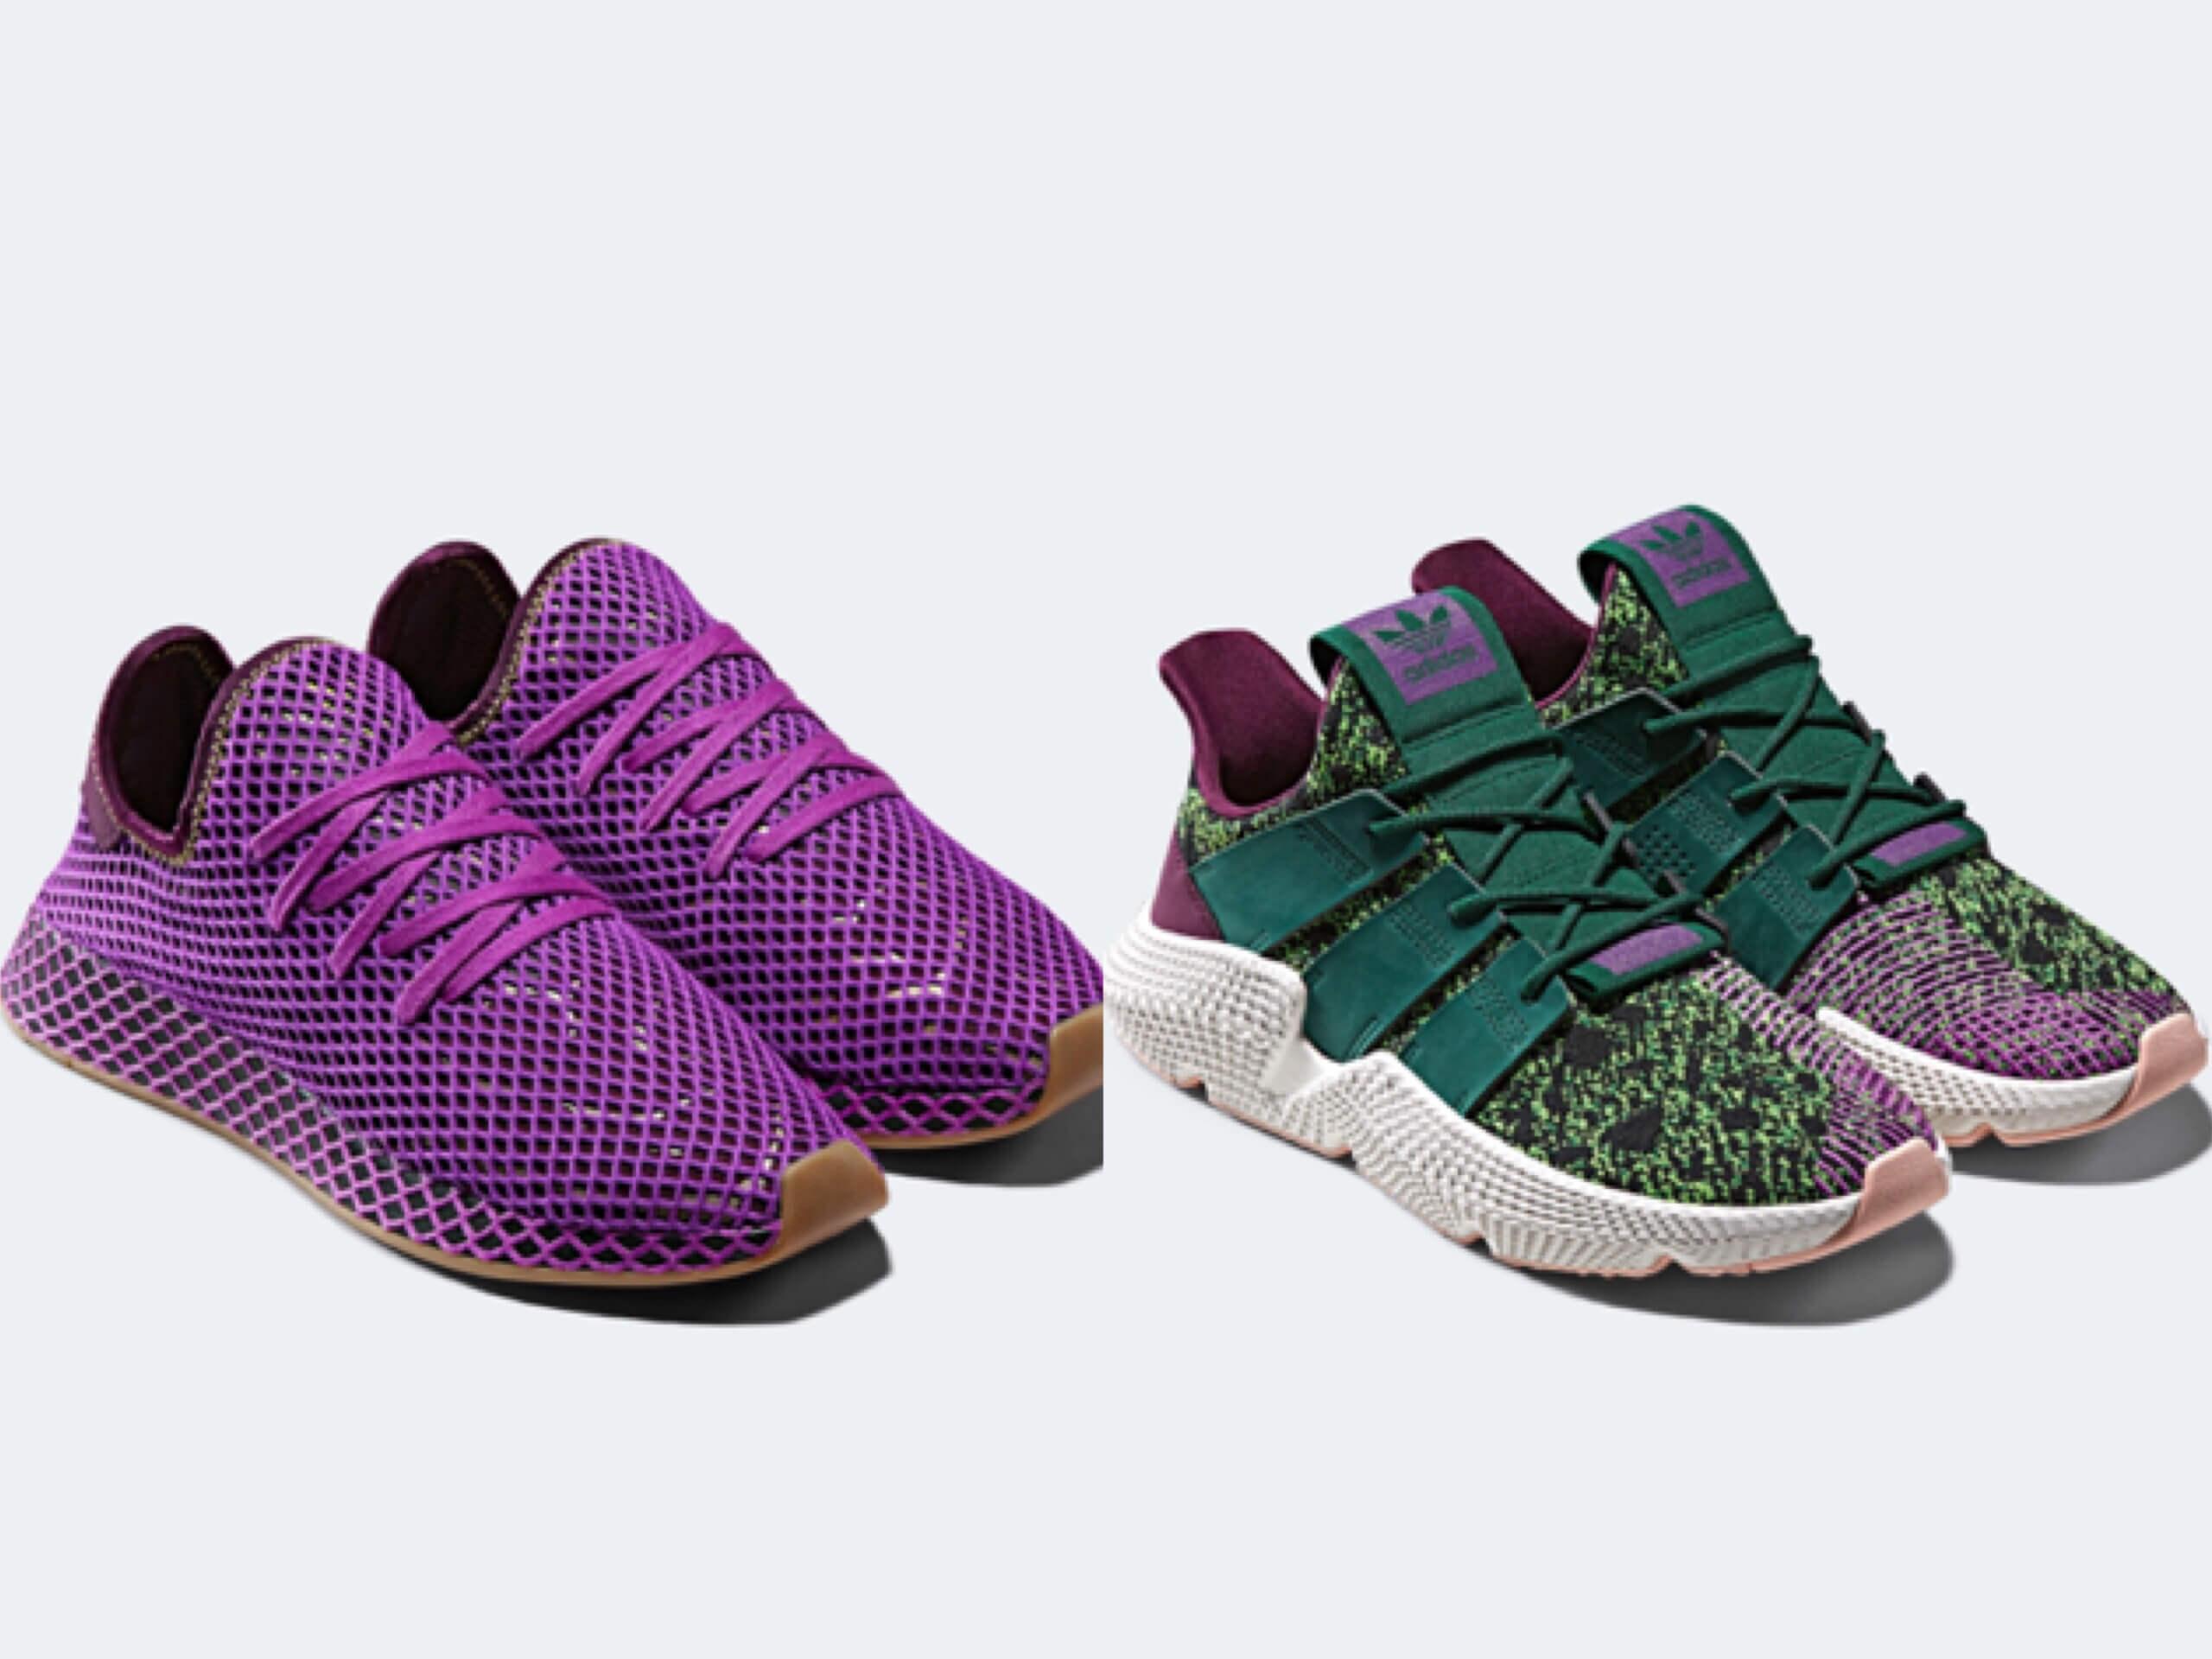 七龍珠z與adidas合作推出運動鞋!第二彈為悟飯與賽魯 adidas_、七龍珠、